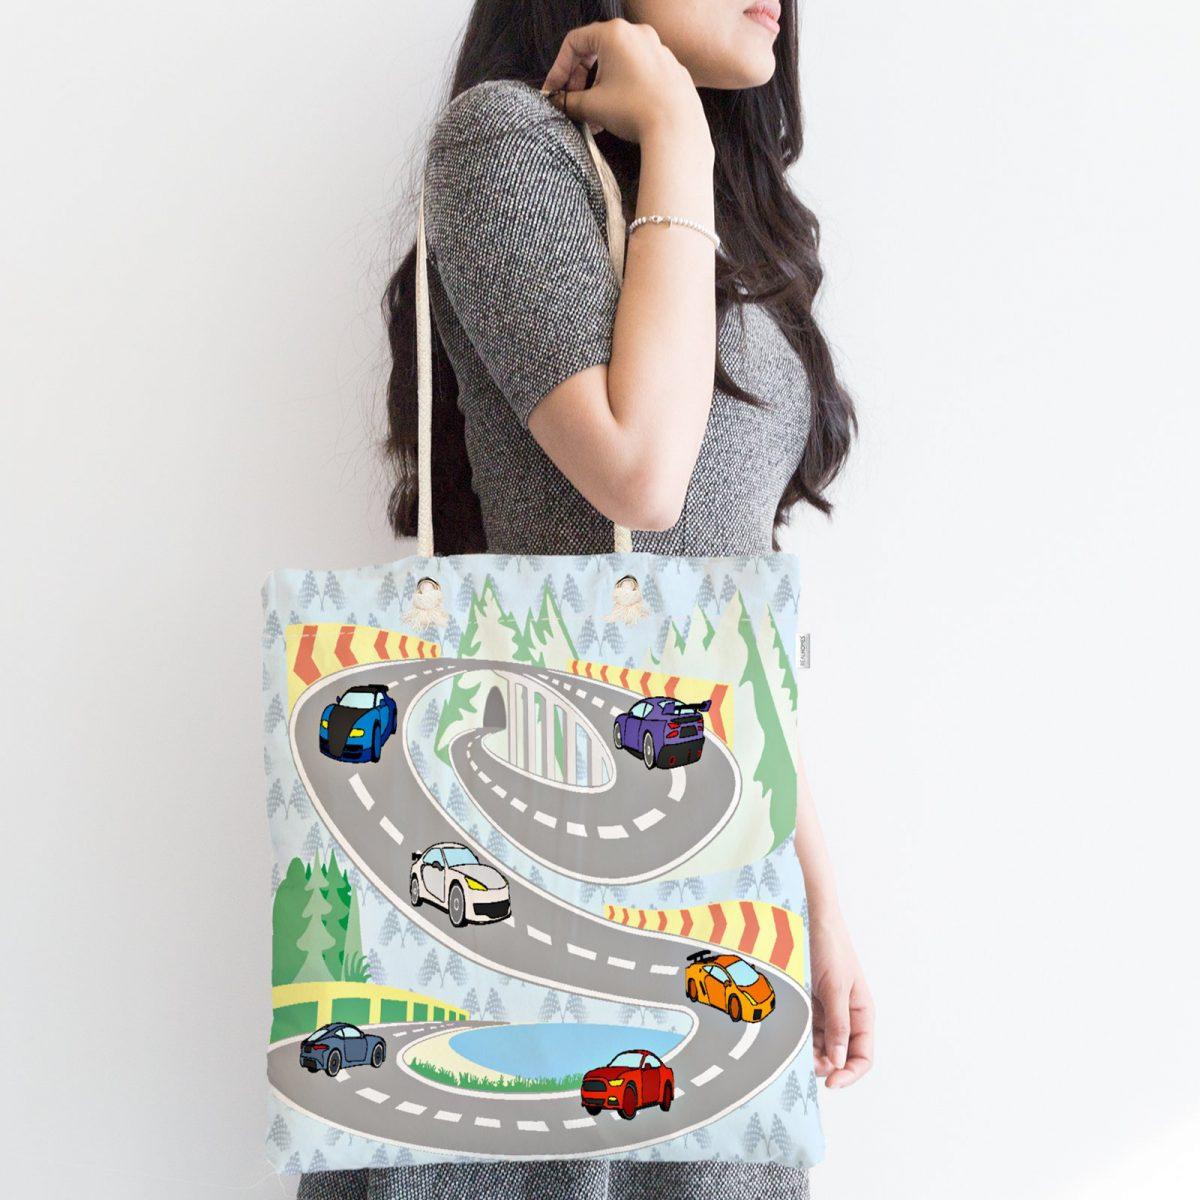 Araba ve Yol Desenli Dijital Baskılı Fermuarlı Kumaş Çanta Realhomes